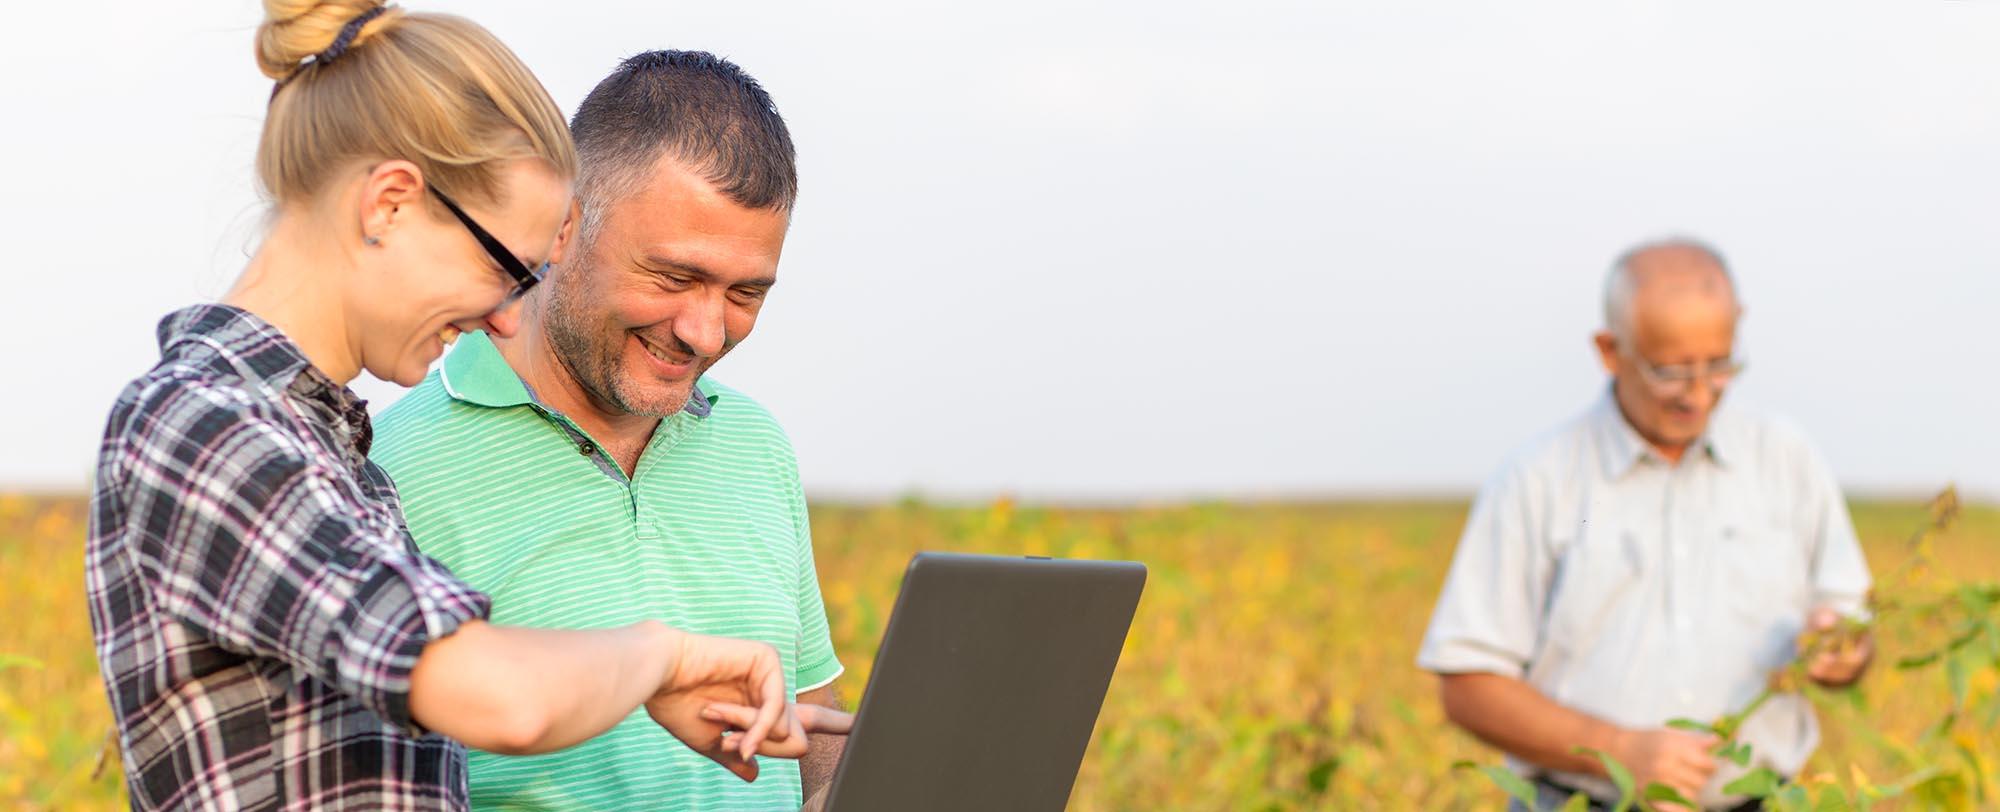 Farmers in field discuss Australian environmental markets